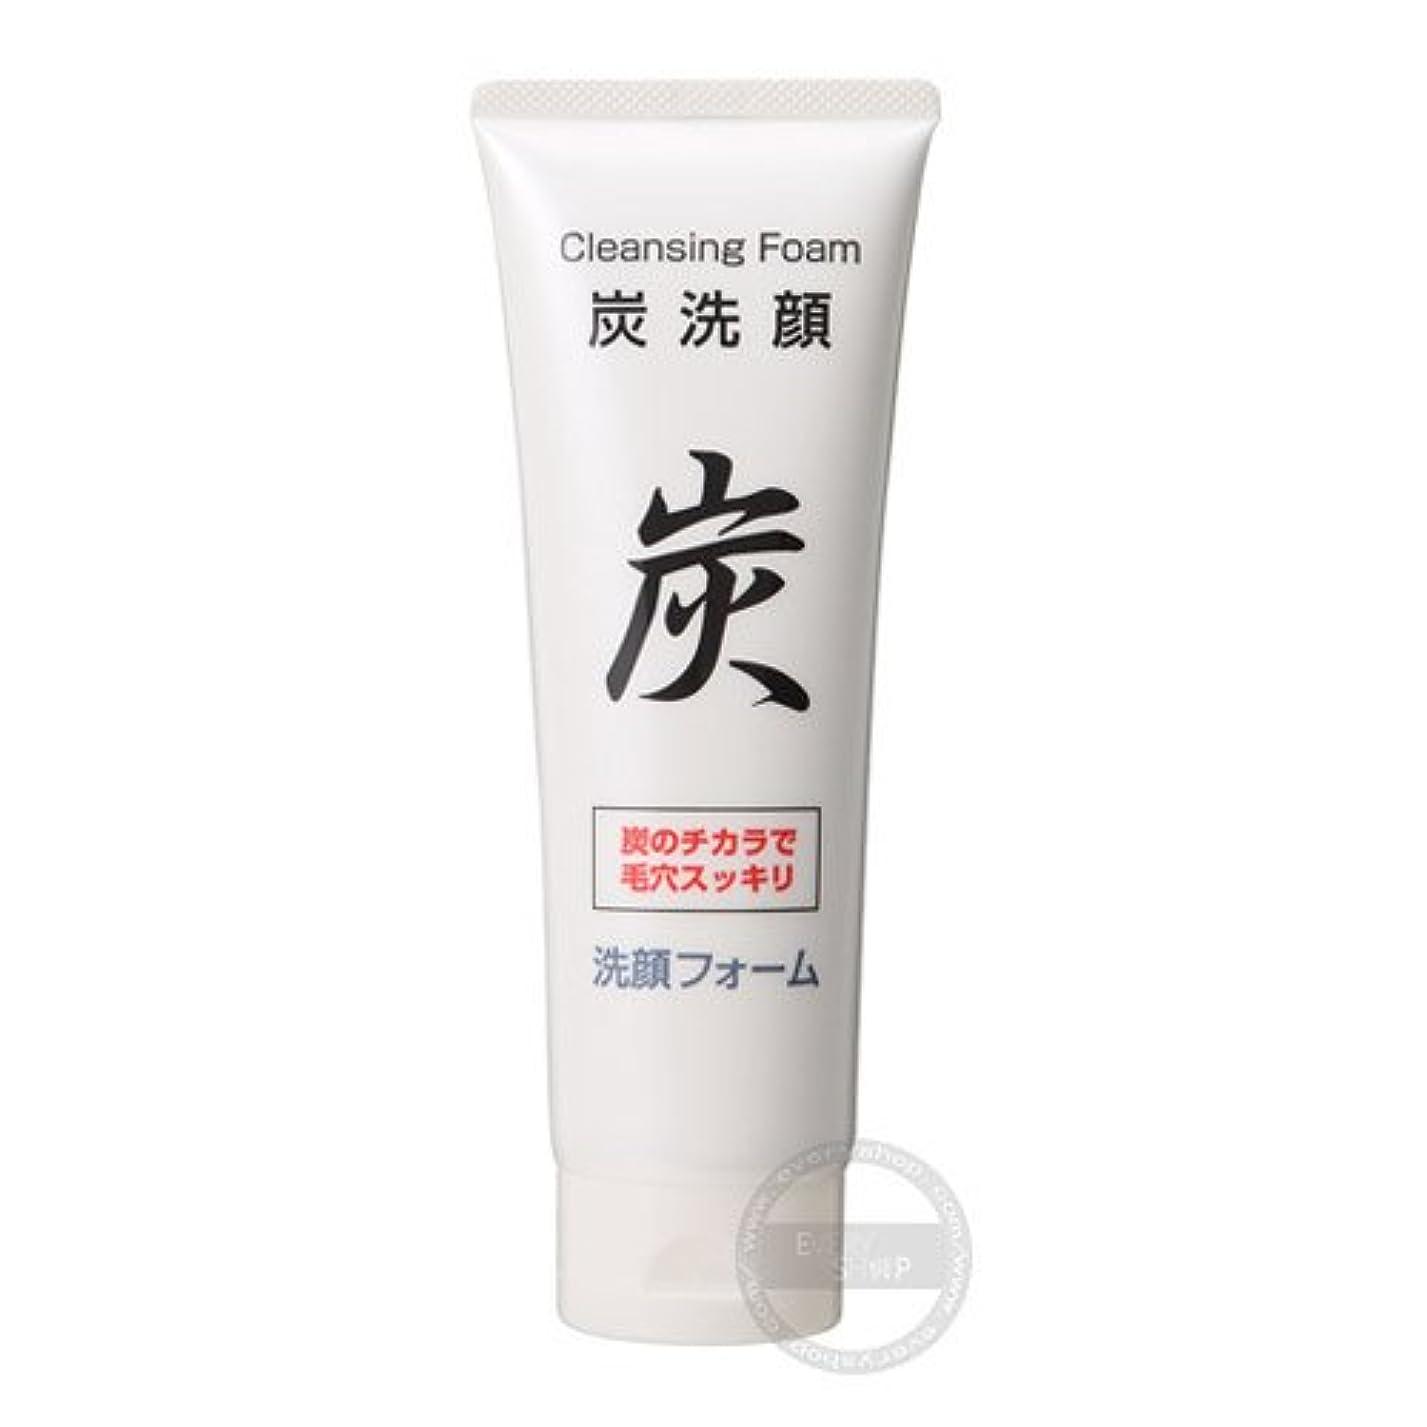 偏心形状民主主義炭洗顔 洗顔フォーム‐KH544725